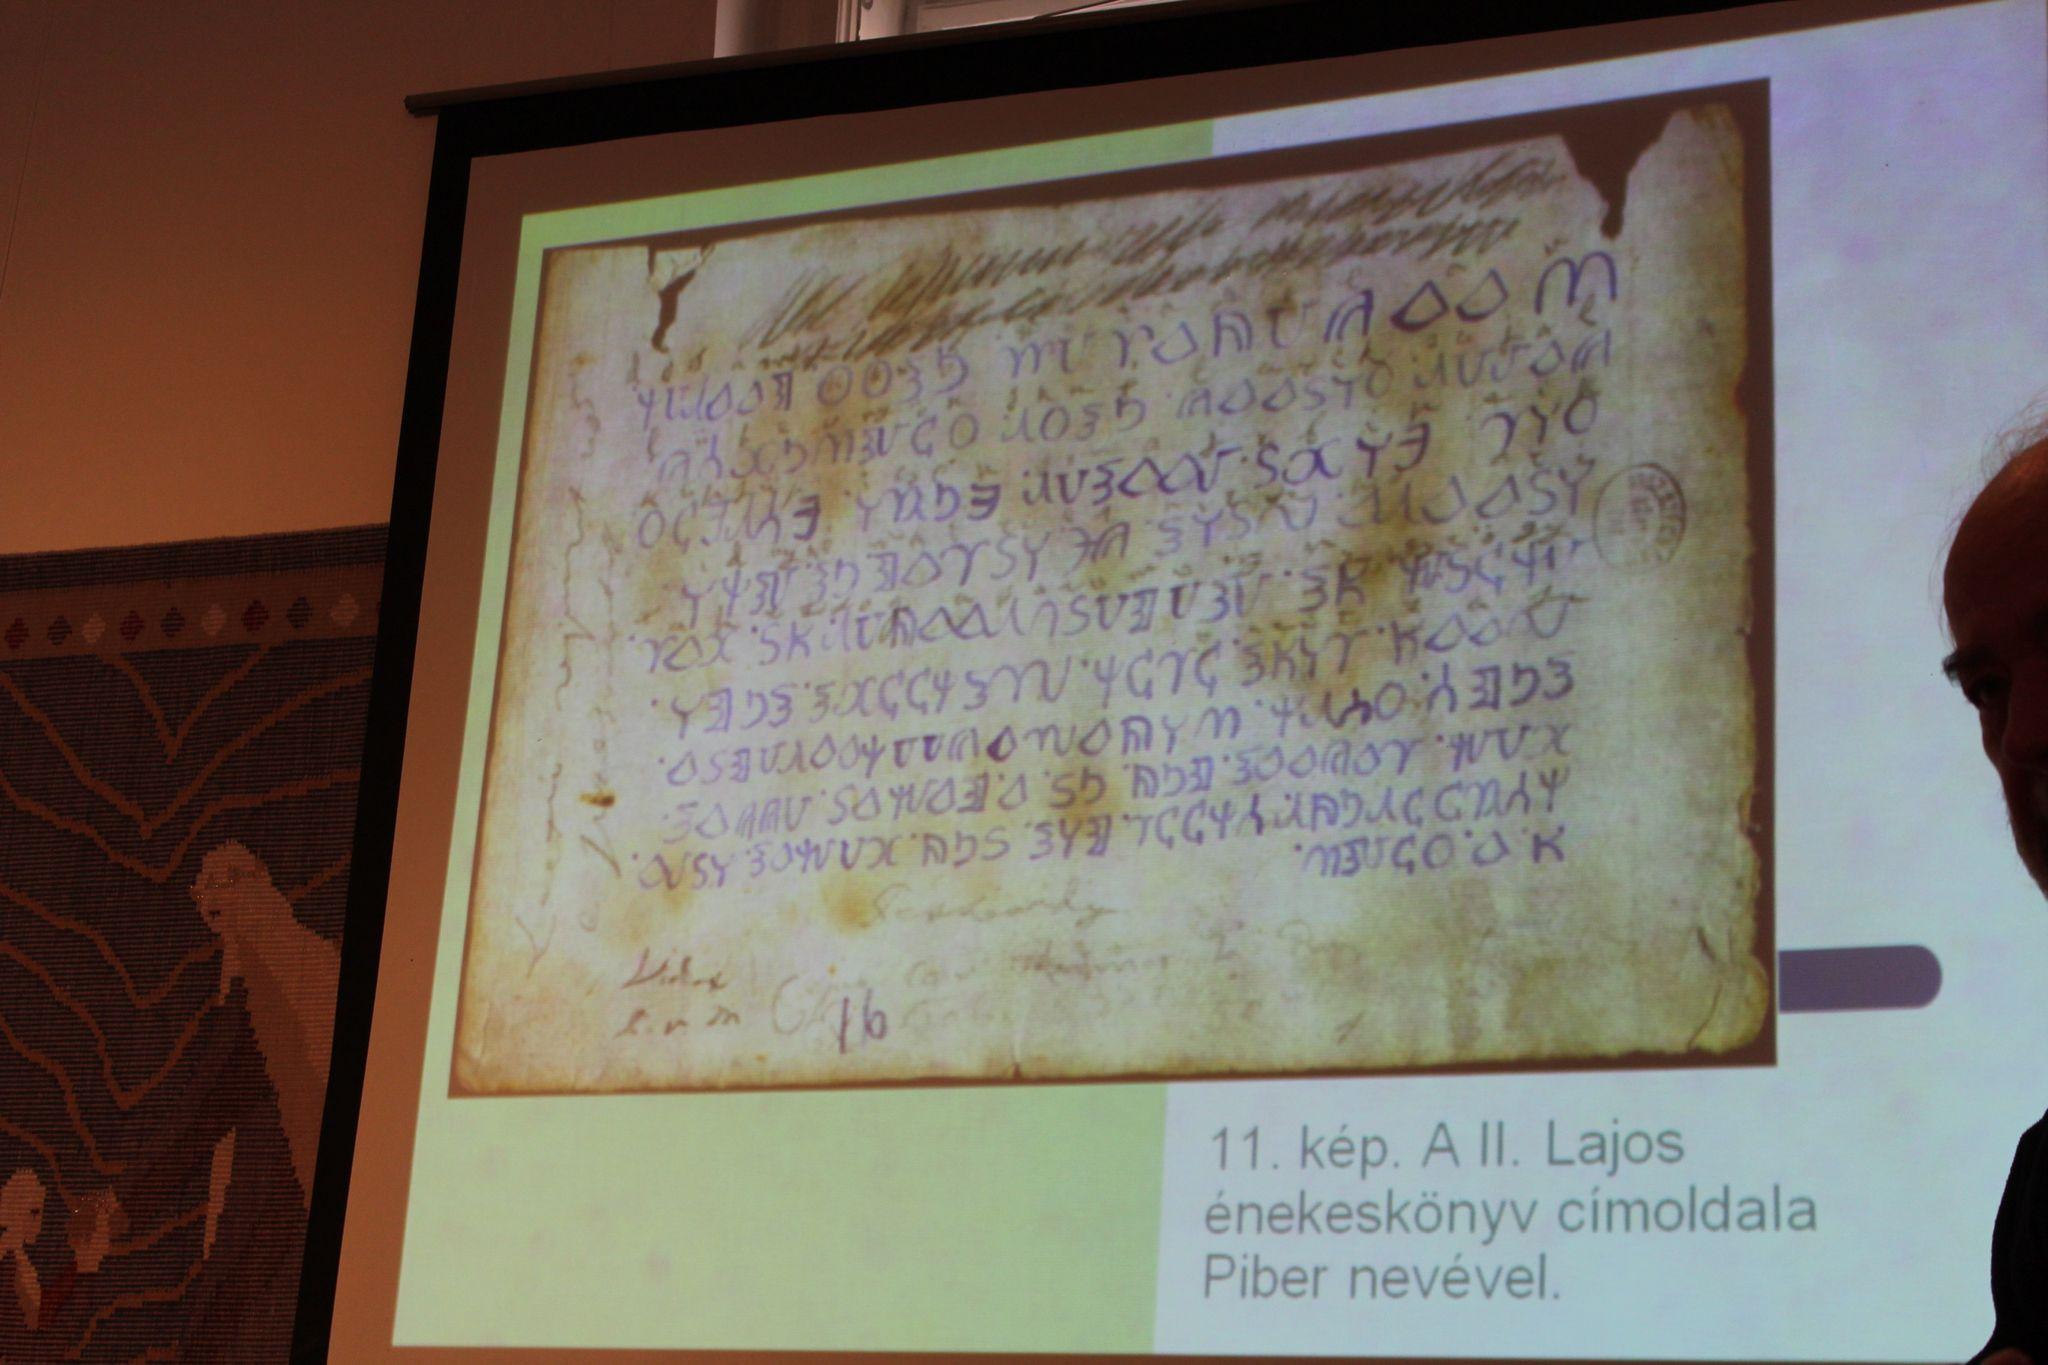 II. Lajos énekeskönyvének címoldala (Fotó: Neszméri Tünde)